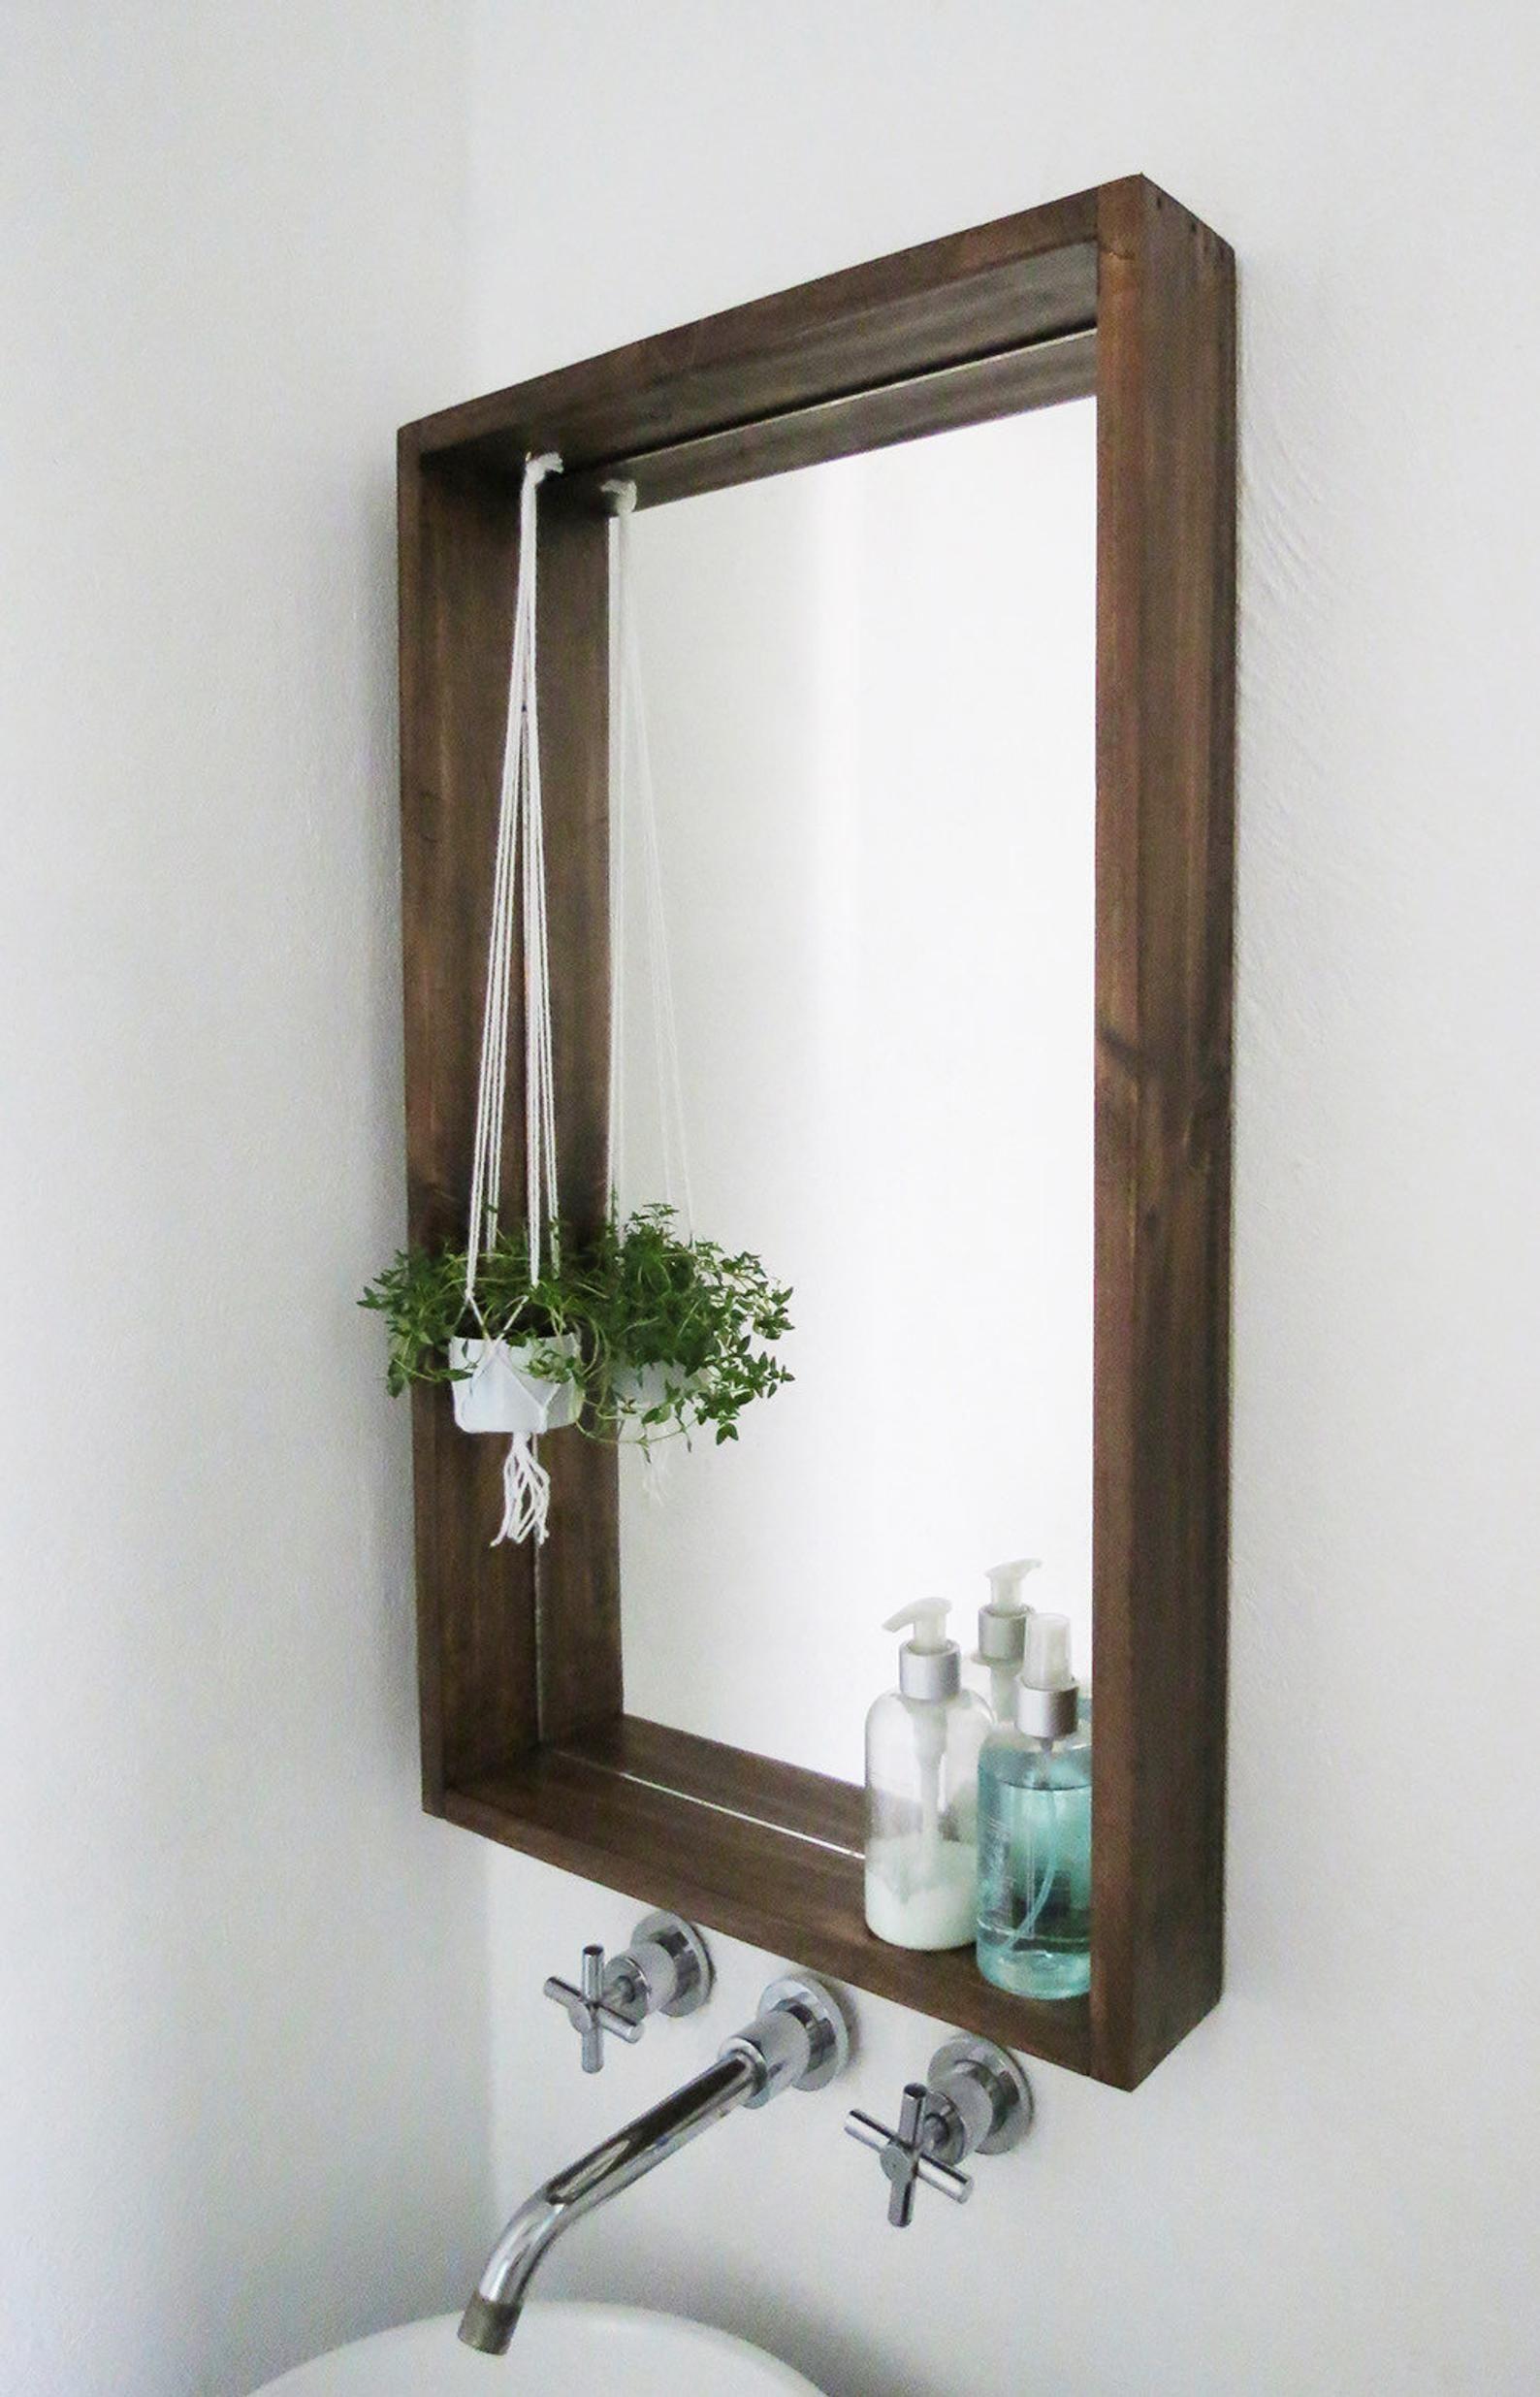 Handmade Shelf Bathroom Mirror Rustic, Oak Framed Bathroom Mirror With Shelf